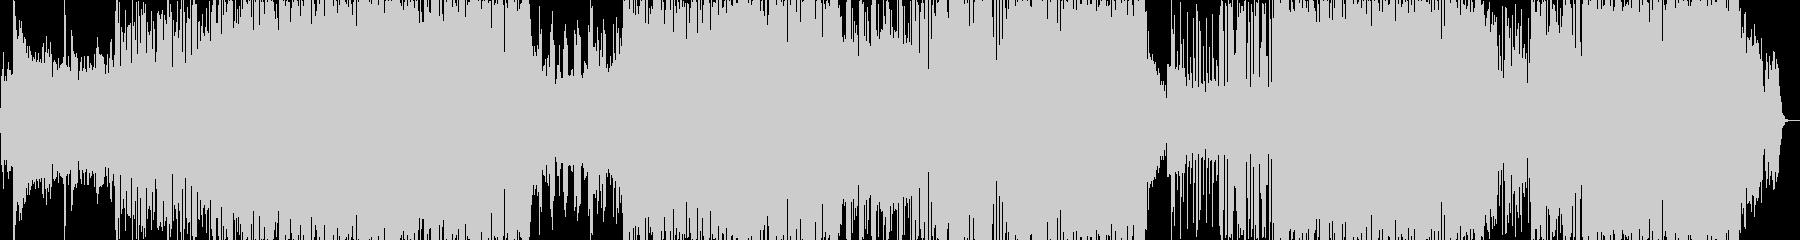 洋楽っぽいダンス楽曲(ラップ)の未再生の波形